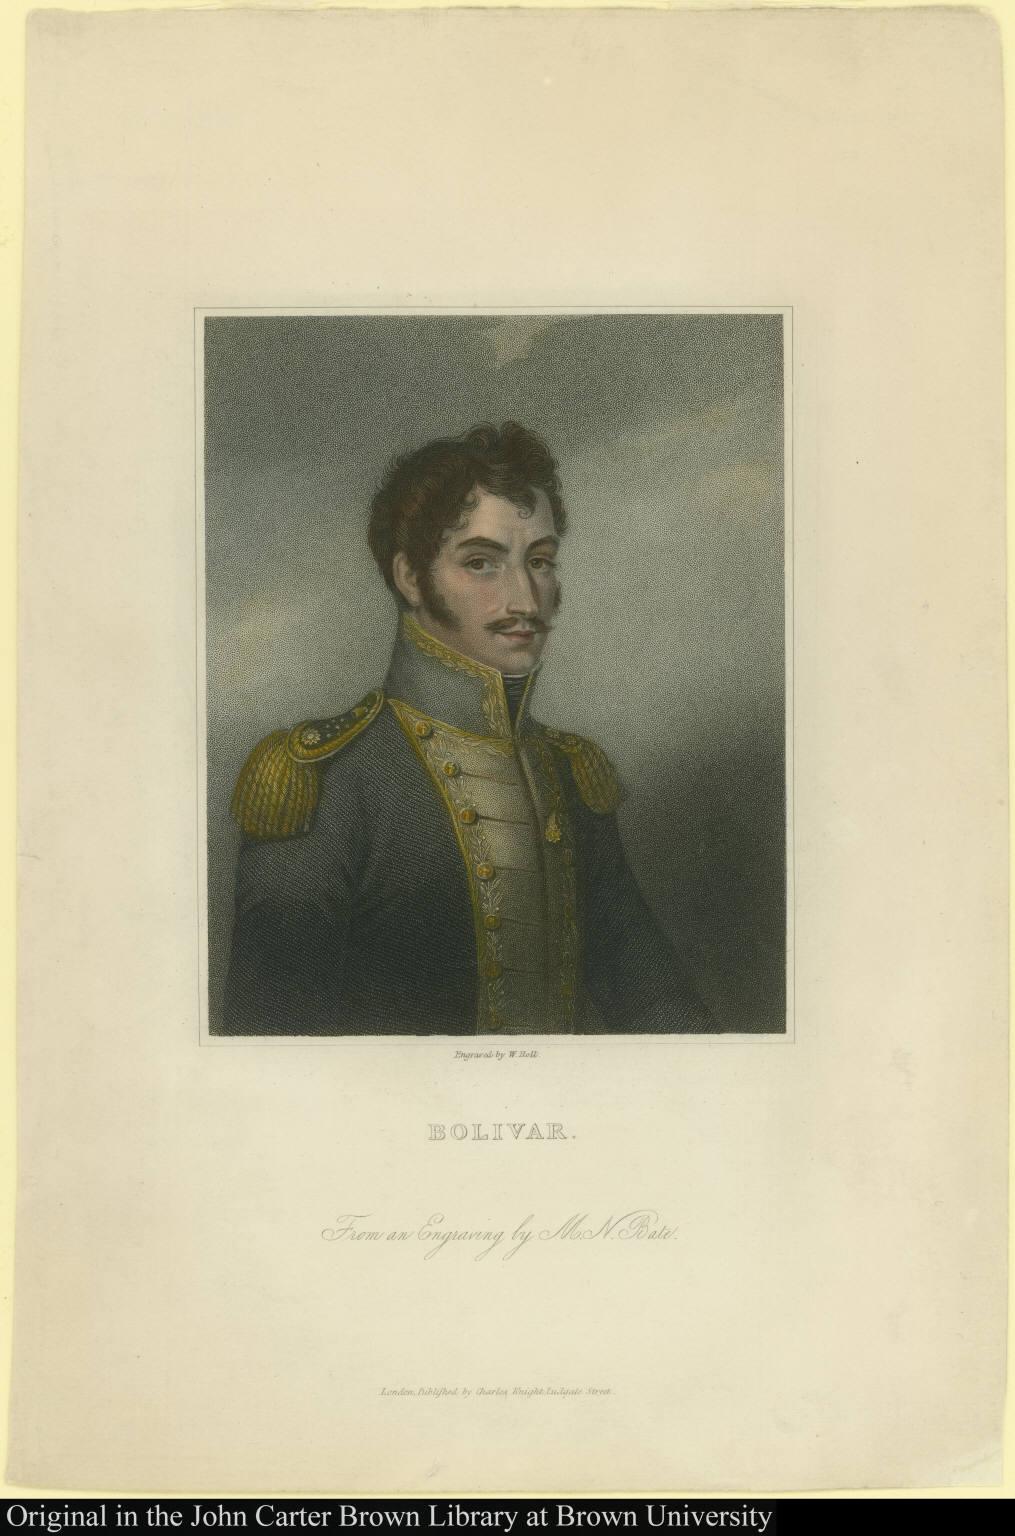 Bolivar.